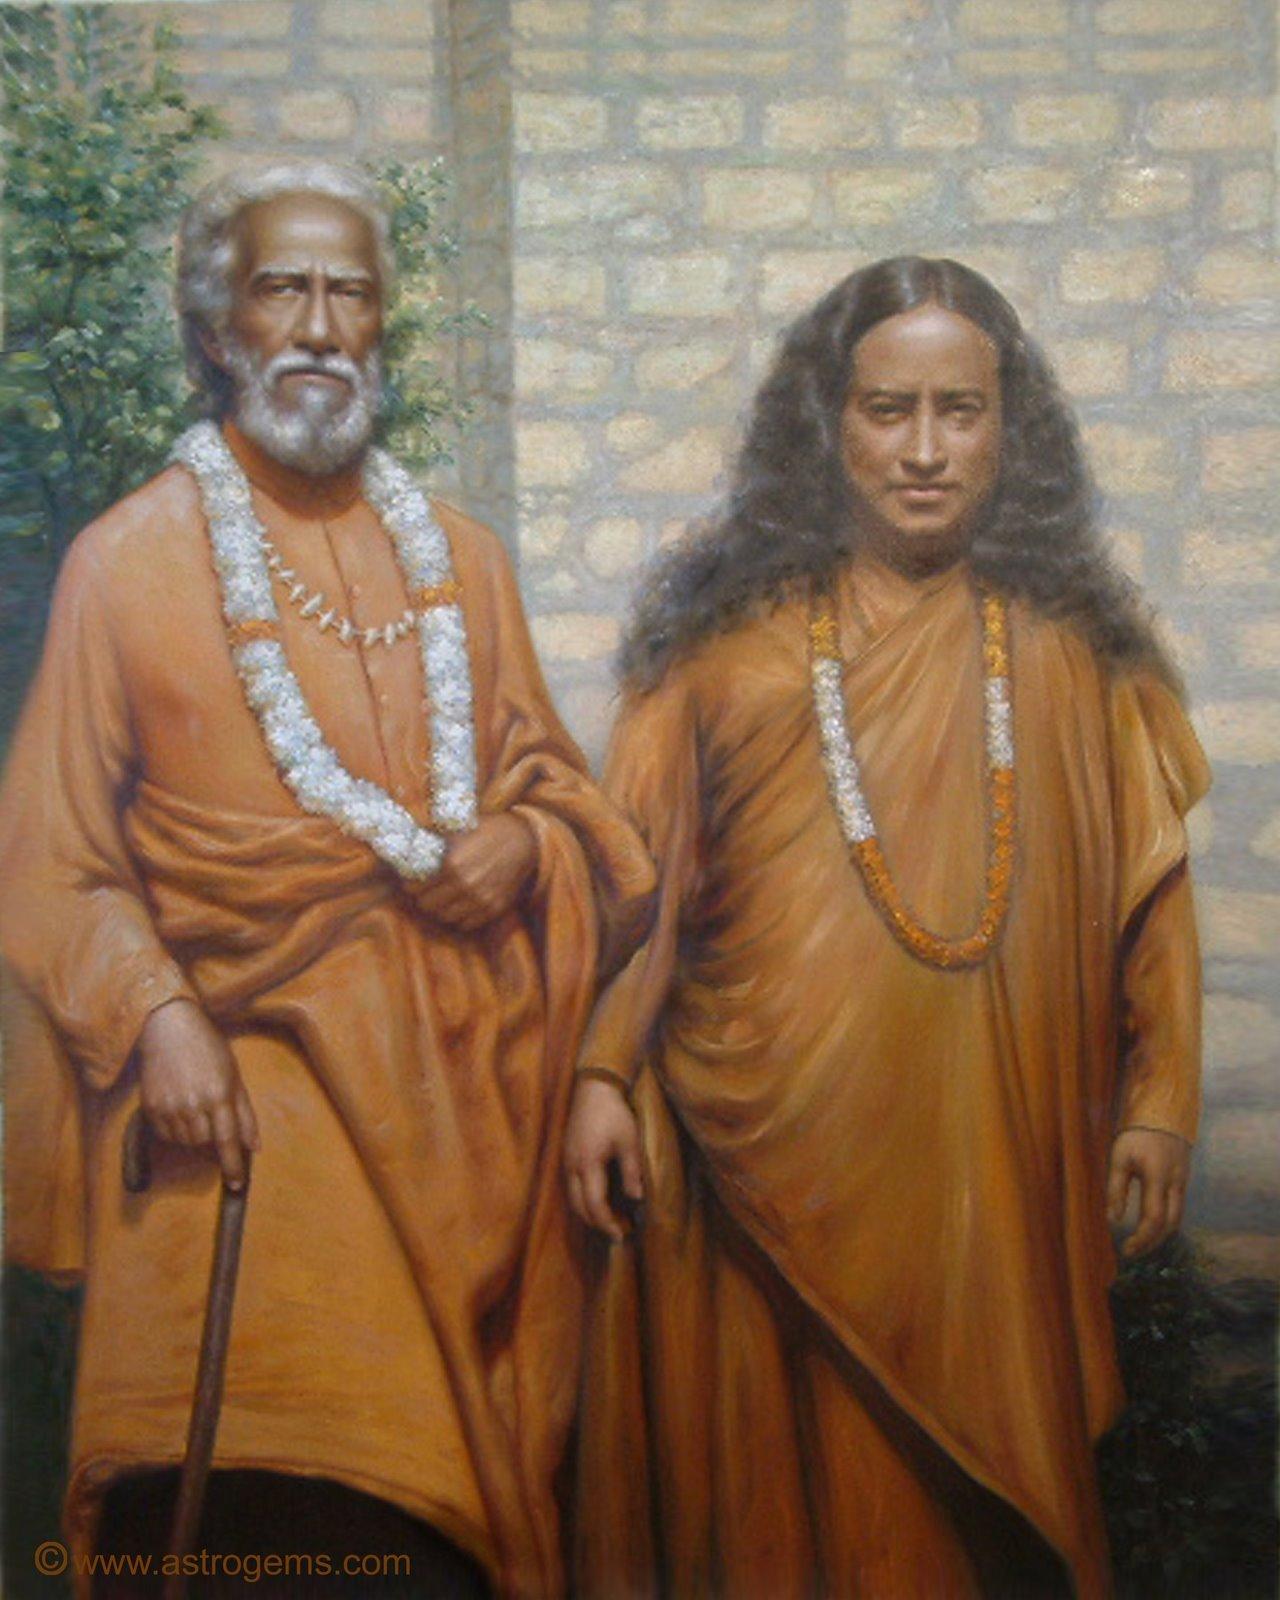 sri-yuktc3a9swar-and-paramahansa-yogananda.jpg